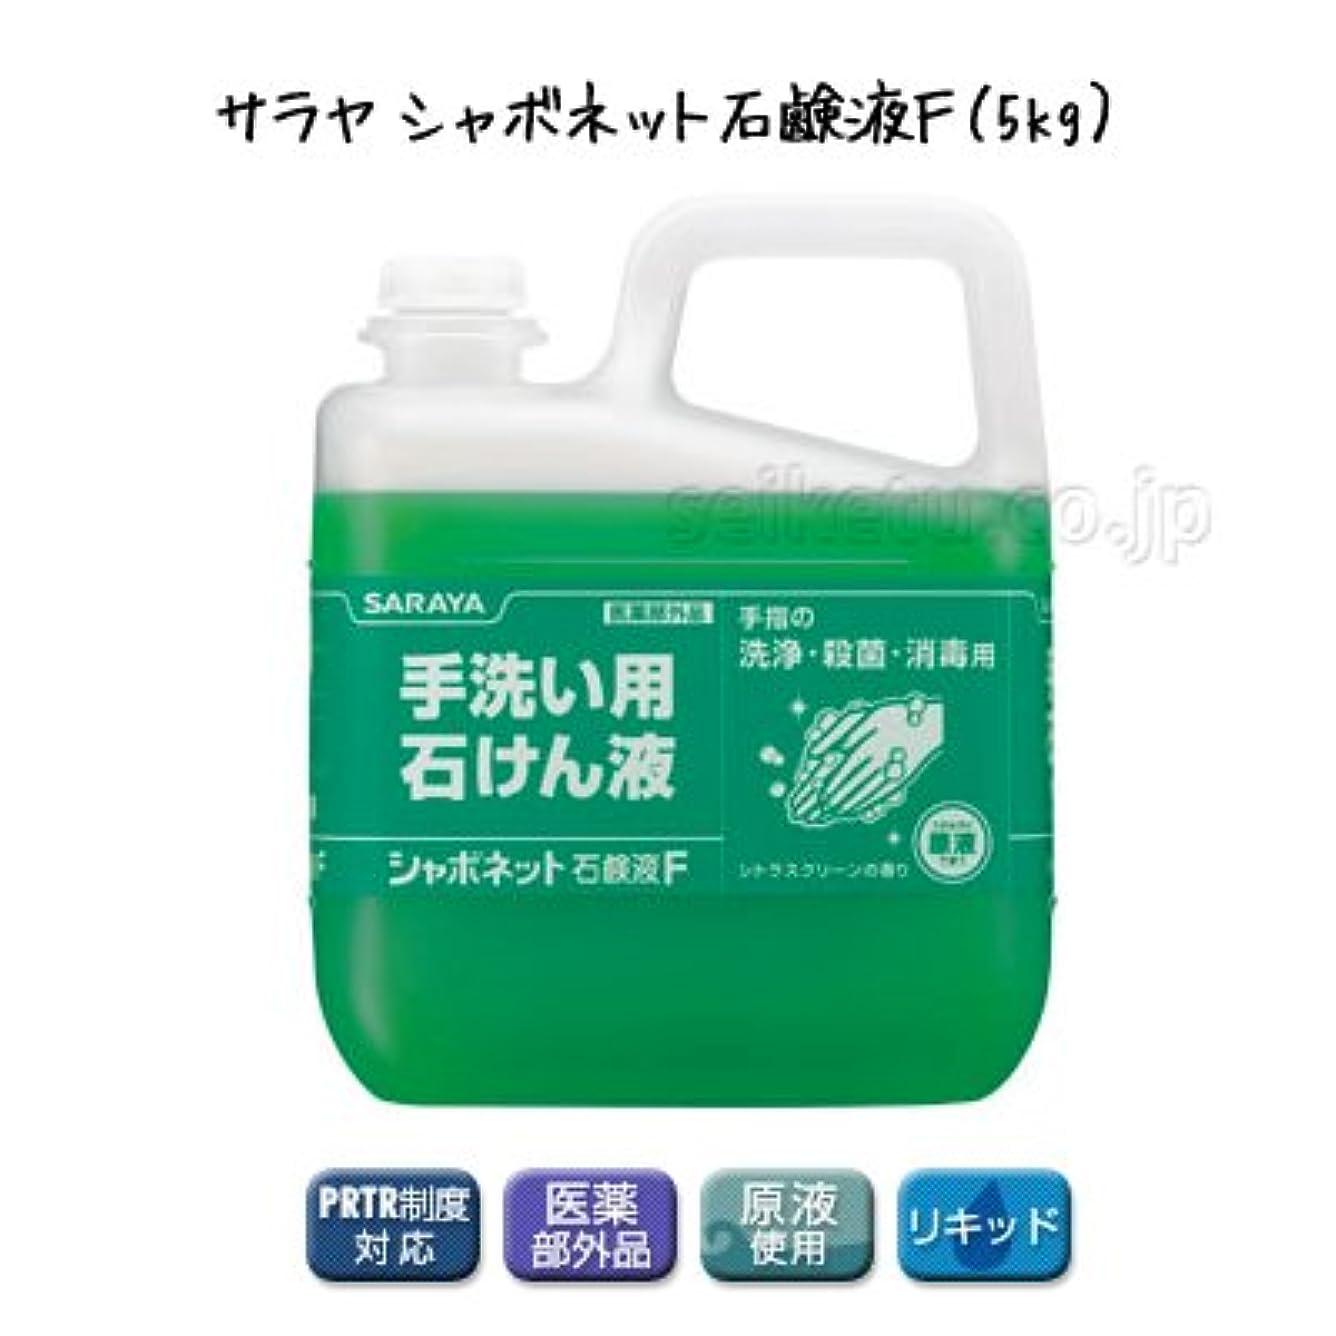 曖昧な移住するホールドオール【清潔キレイ館】サラヤ シャボネット石鹸液F(5kg)